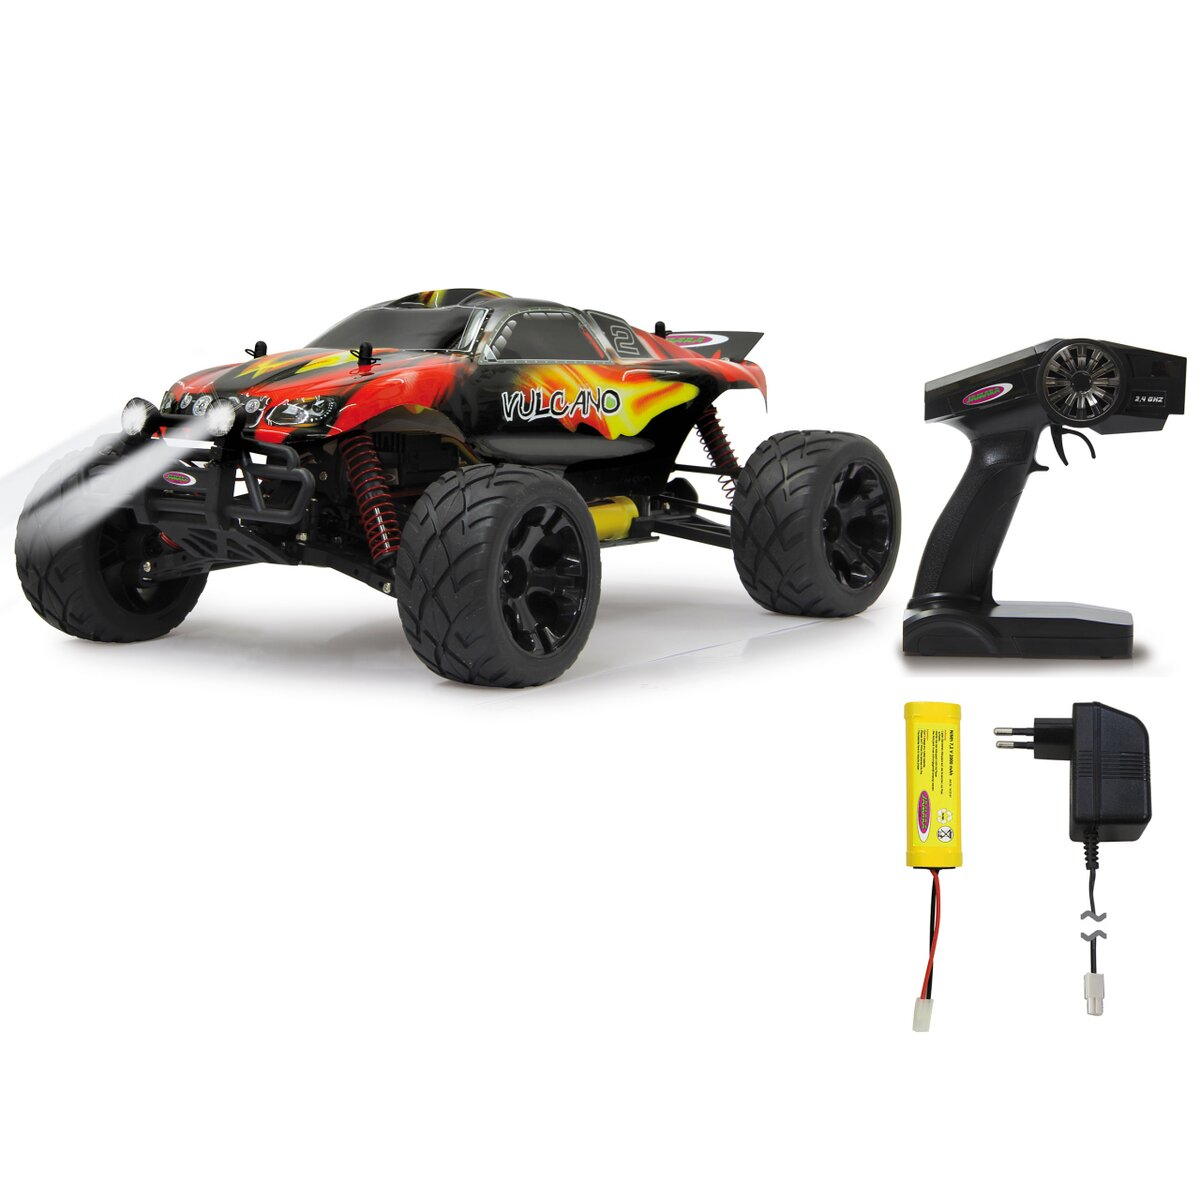 Jamara Vulcano Monstertruck 1:10 4WD NiMh 2,4G LED